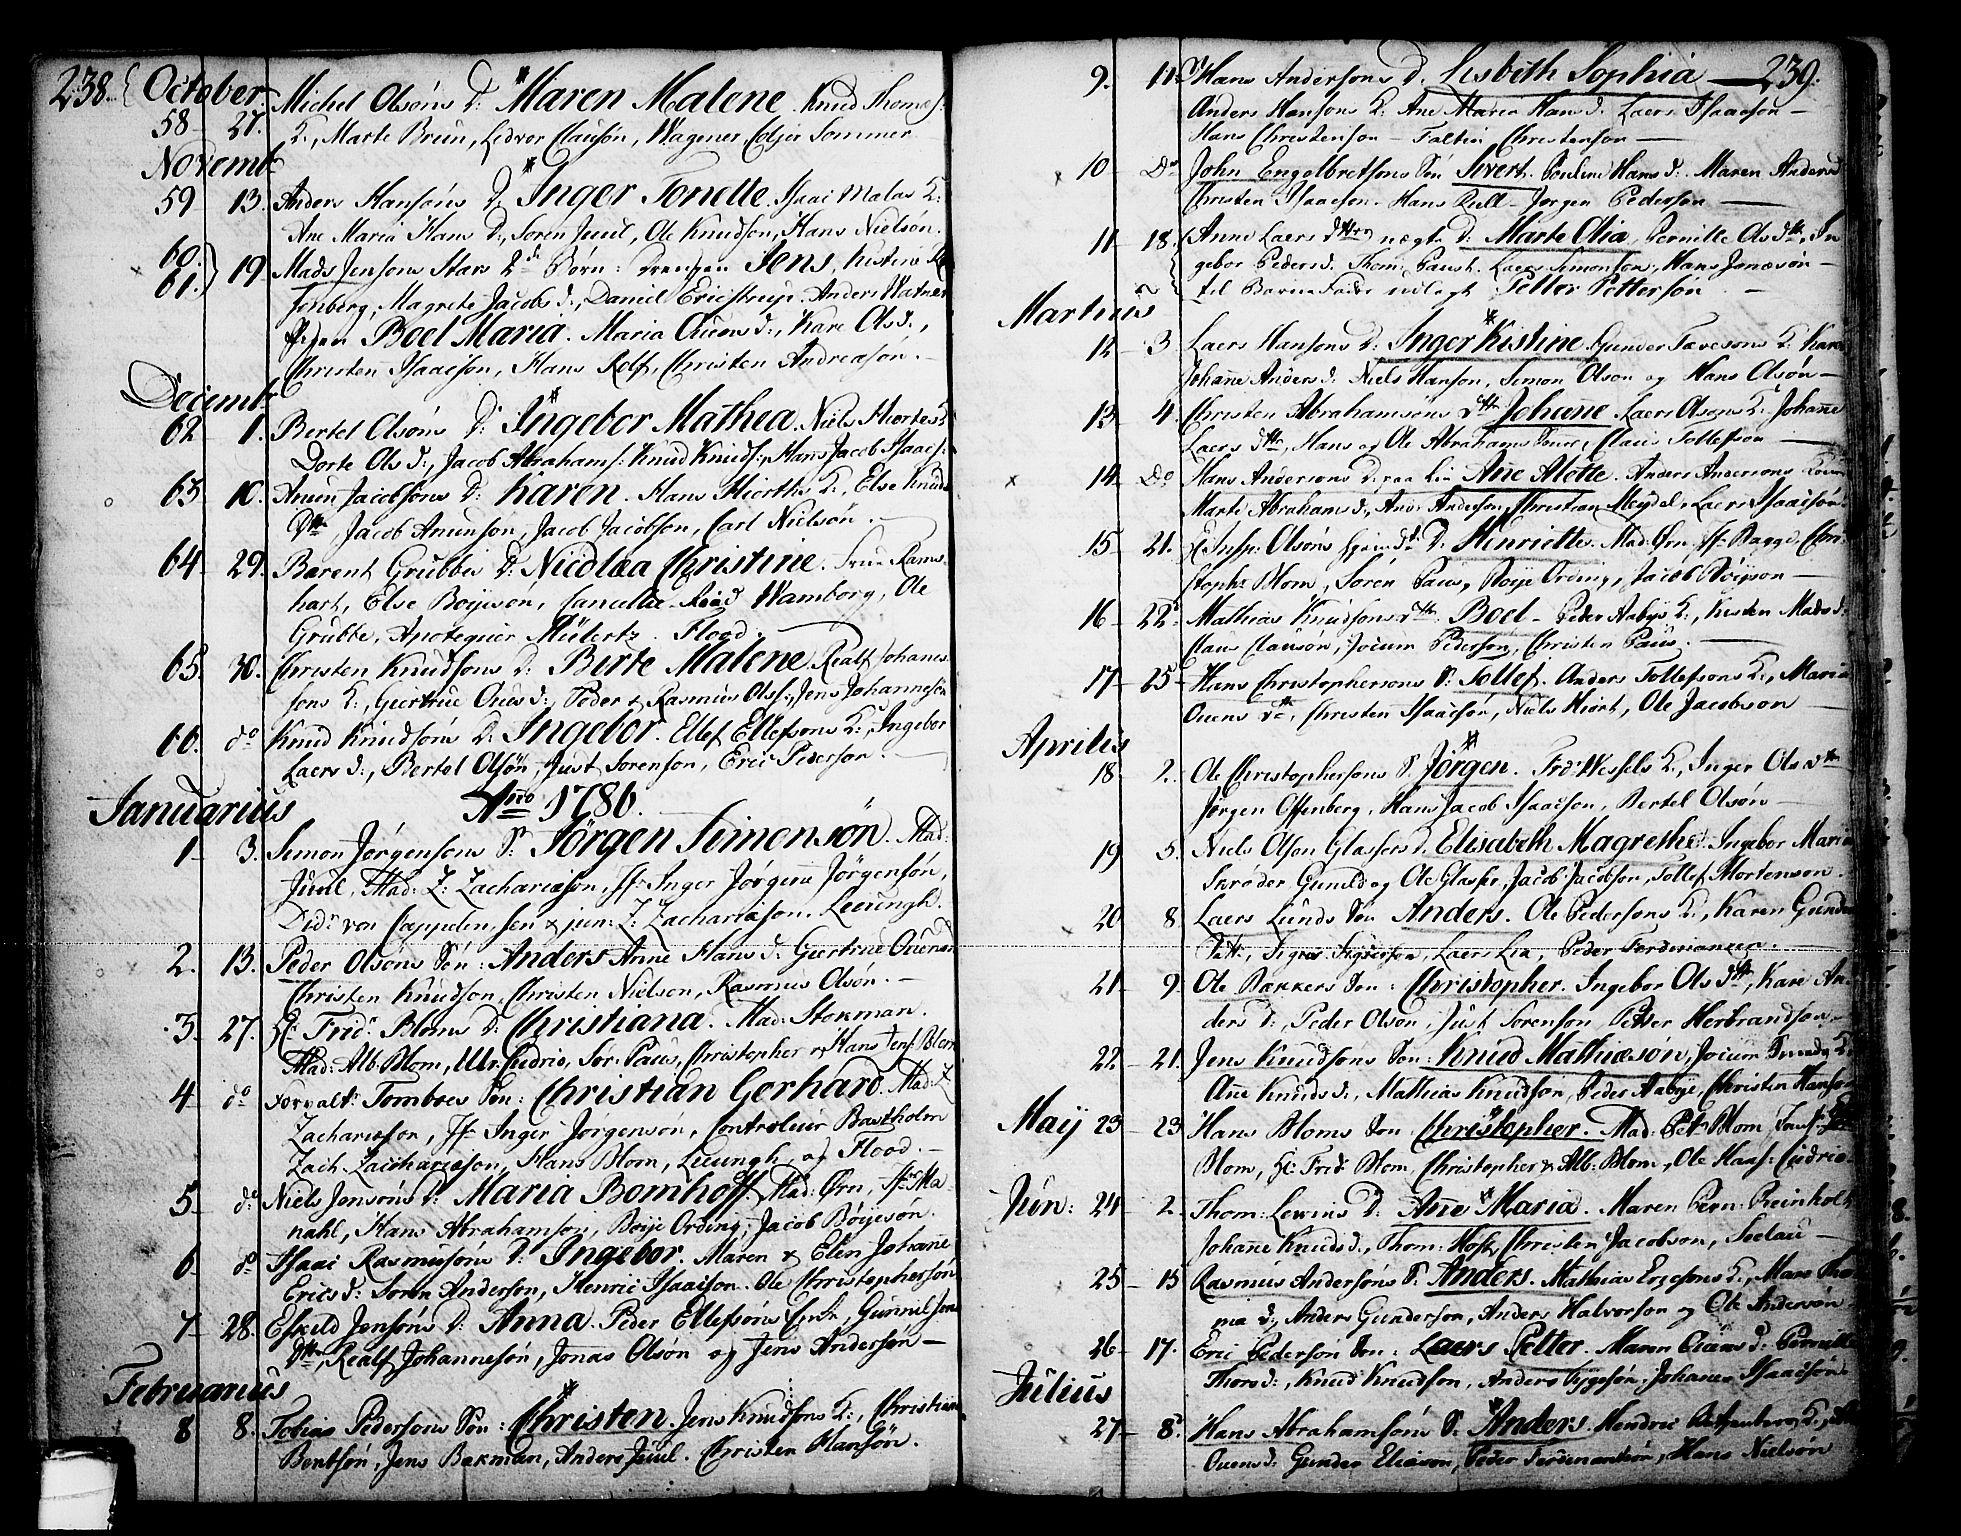 SAKO, Skien kirkebøker, F/Fa/L0003: Ministerialbok nr. 3, 1755-1791, s. 238-239